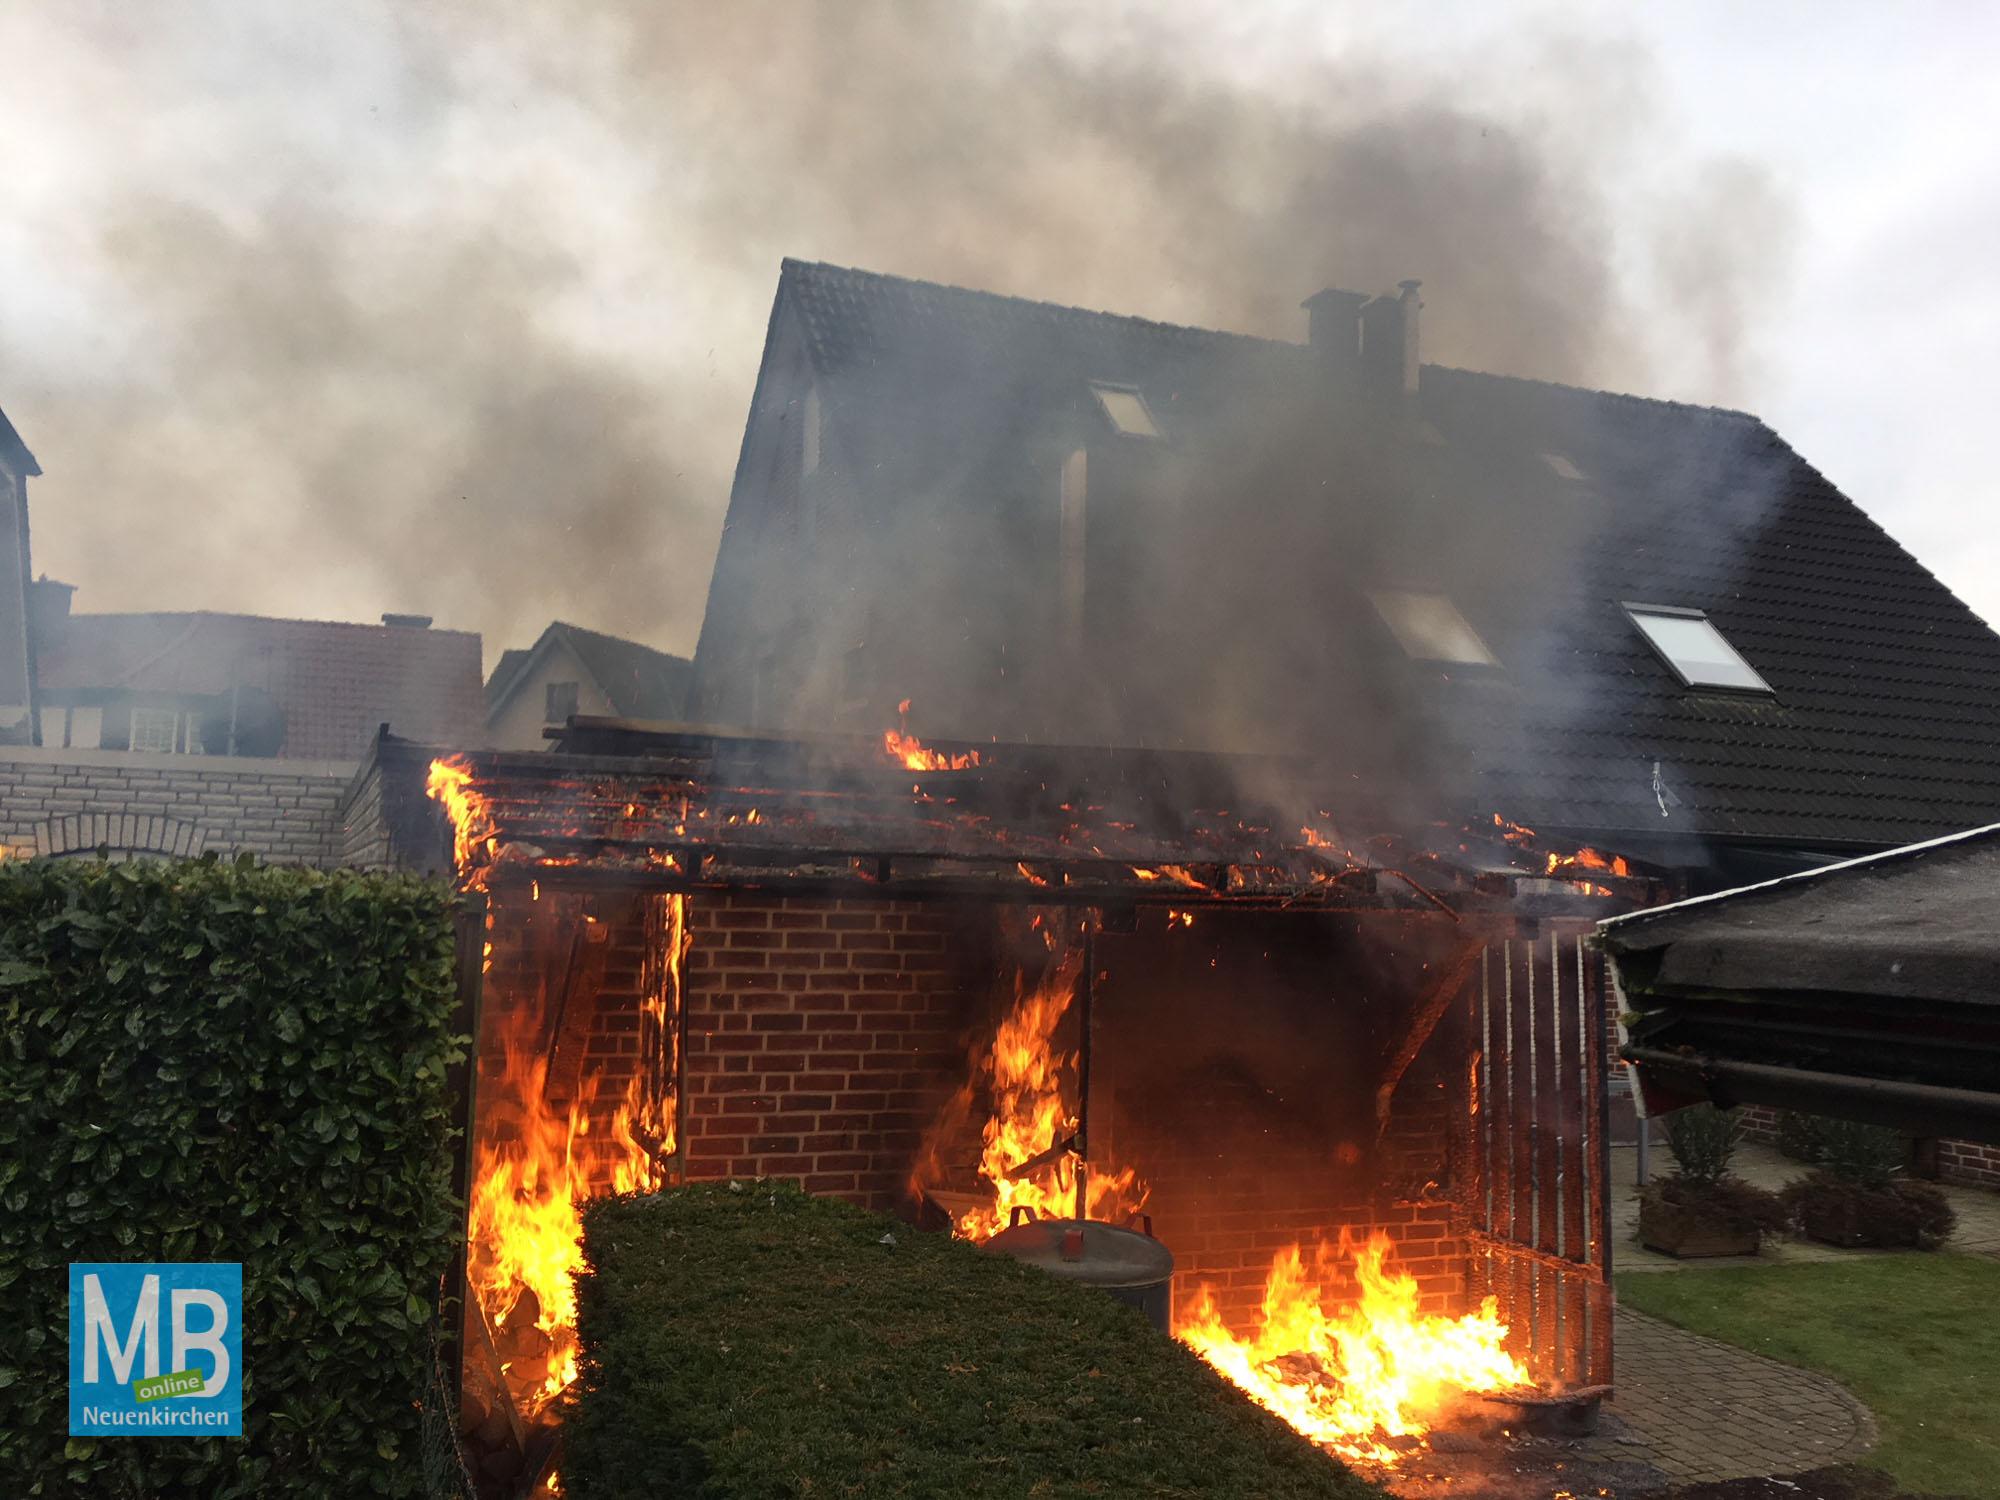 Die Feuerwehr hatte den Brand schnell unter Kontrolle. | Fotos: Heuermann / FFW